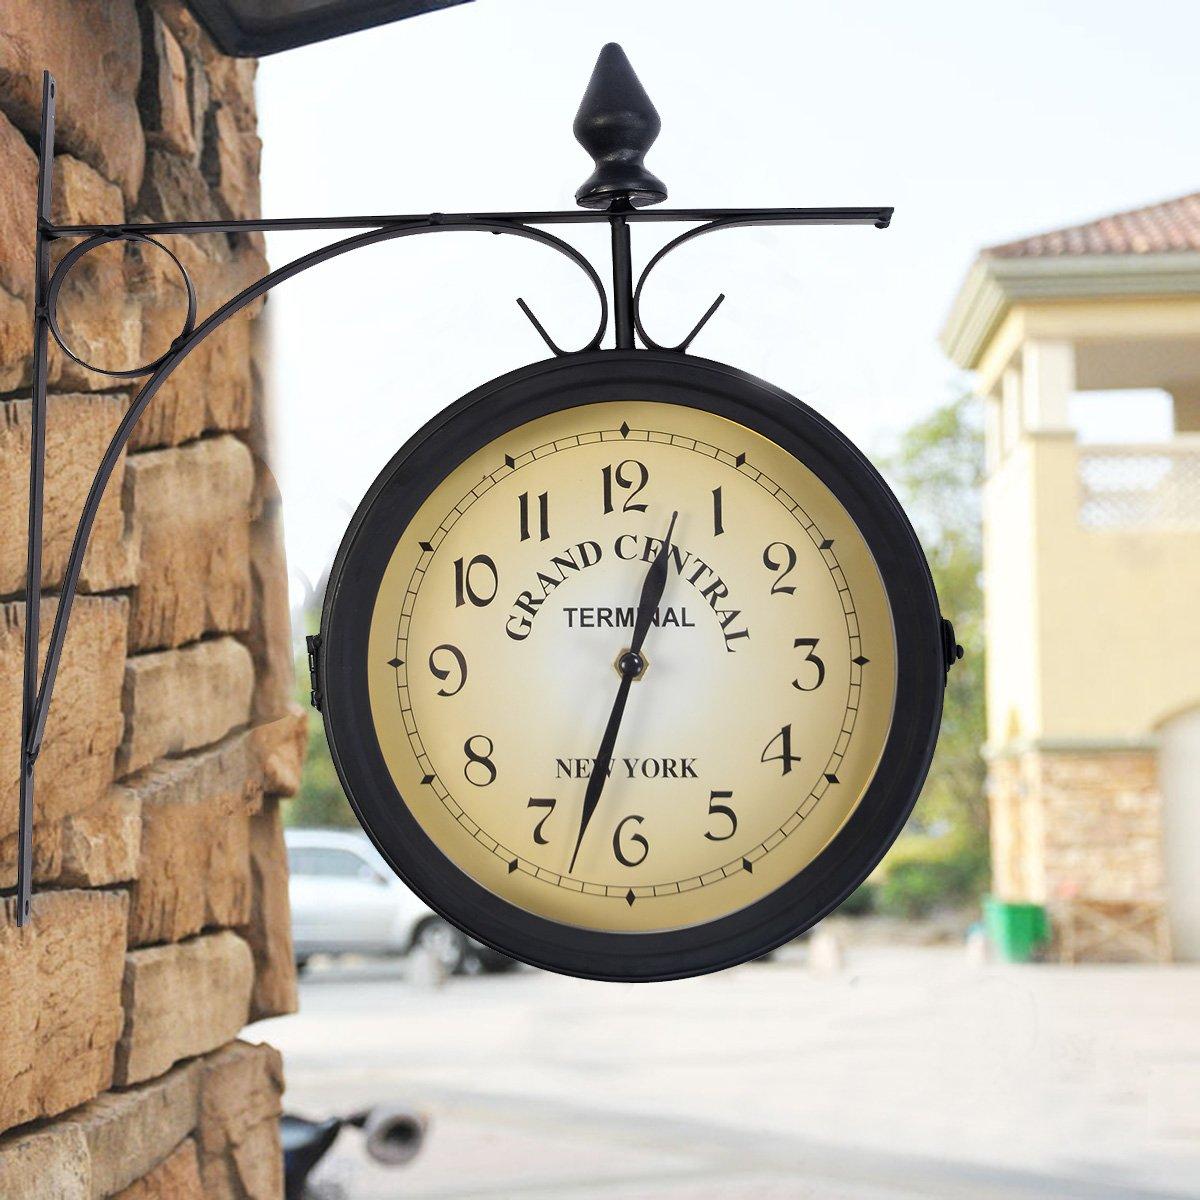 Amazonde Bahnhofsuhr Zweiseitige Wanduhr Wohnzimmer Wetterfest Uhr Retro  Antik Stil Garten Uhr.